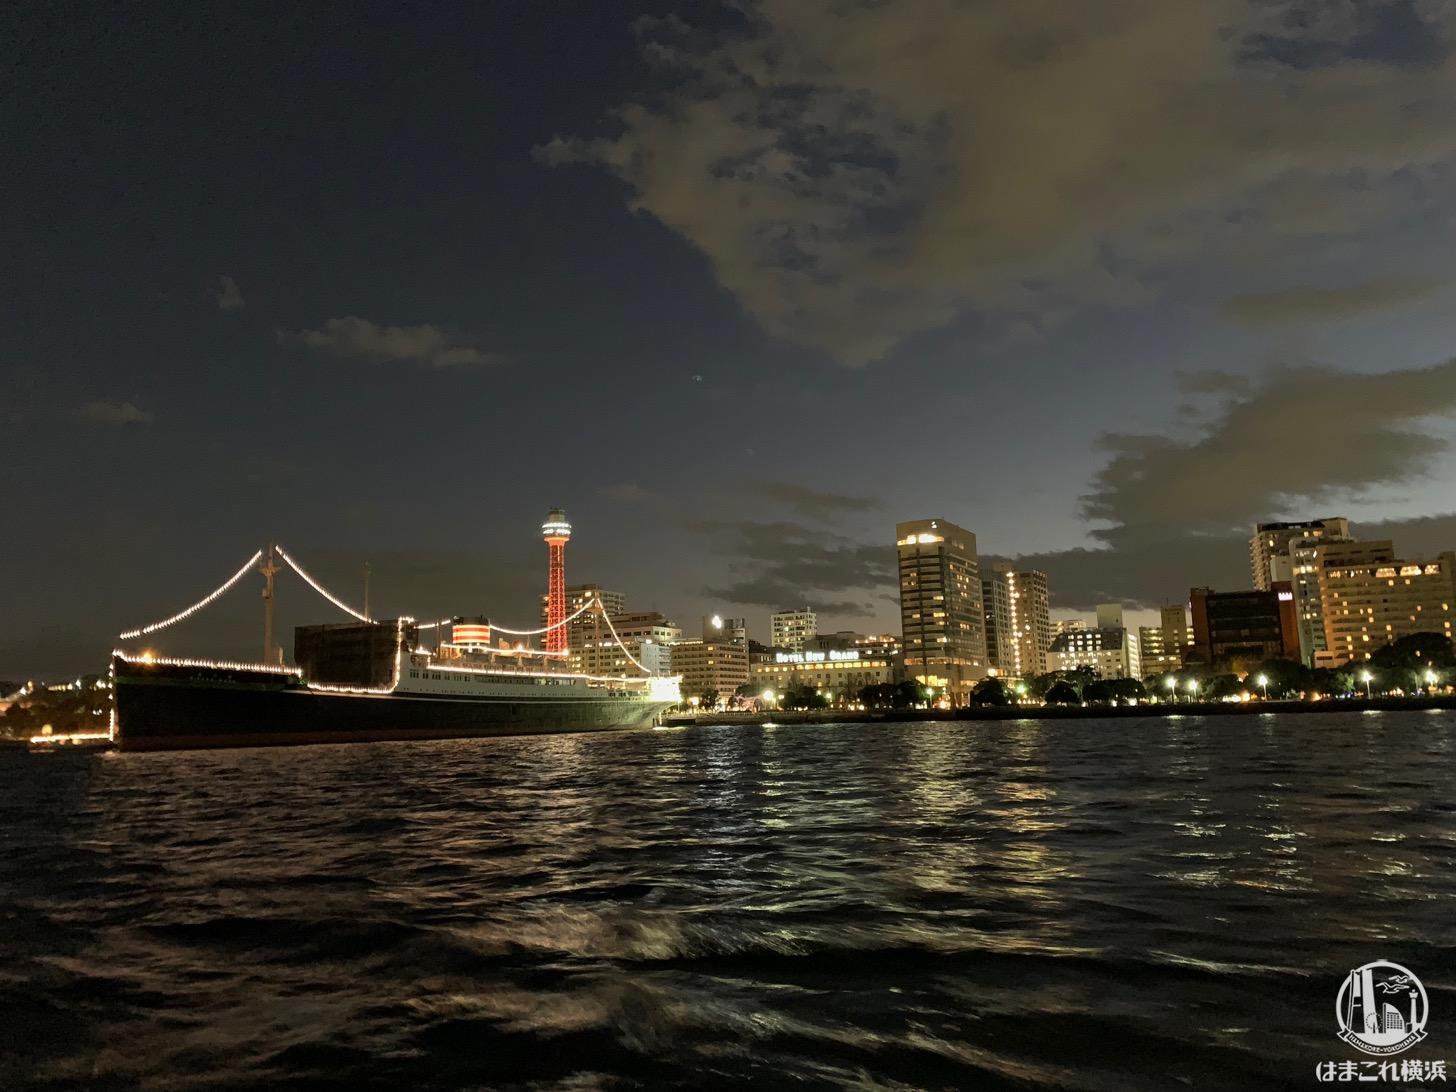 シーバスから見た日本郵船氷川丸と横浜マリンタワー